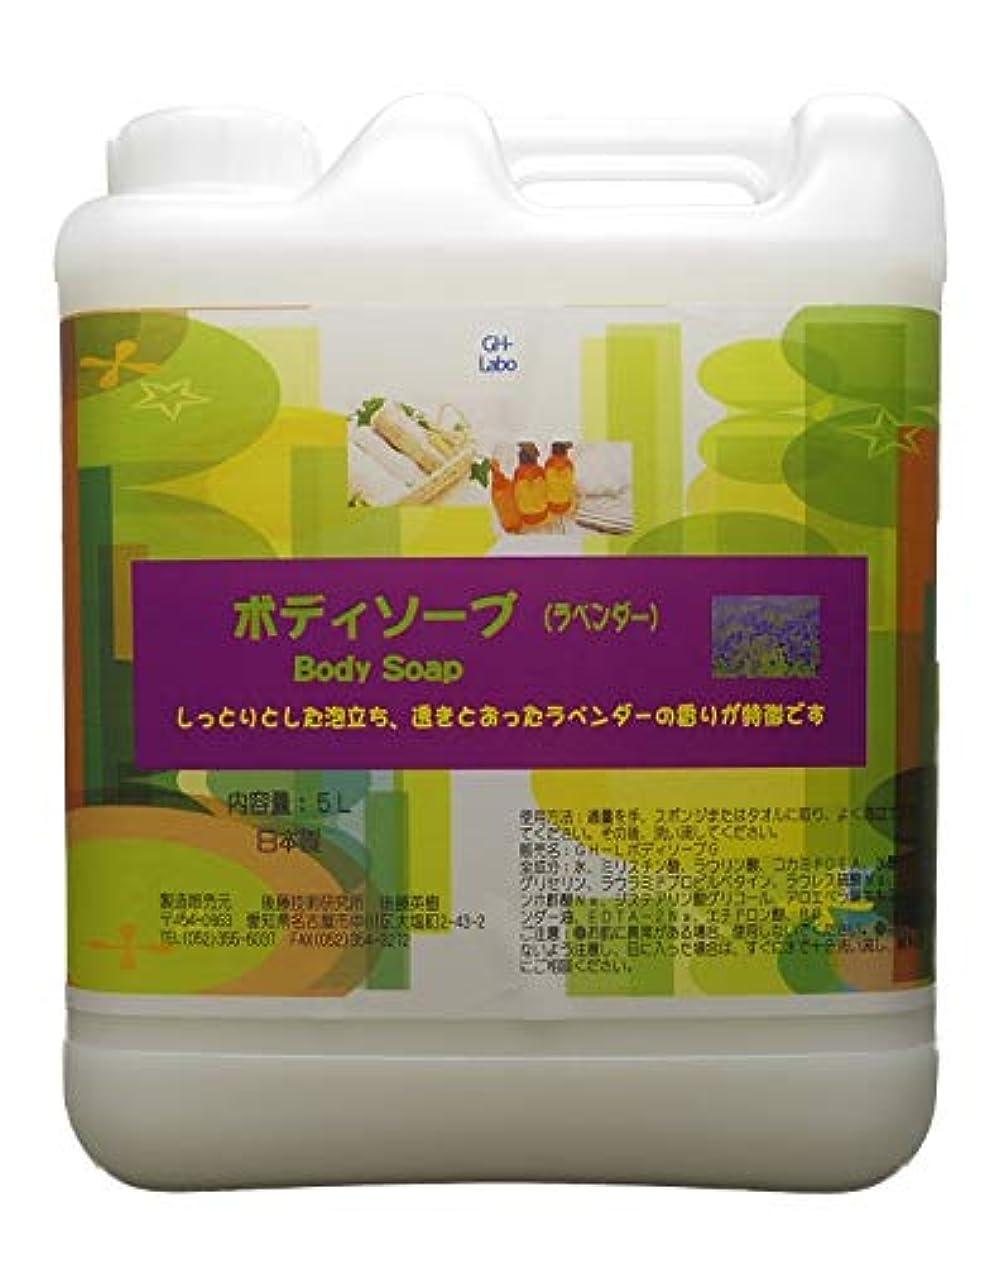 ホラートースト行GH-Labo 業務用ボディソープ ラベンダーの香り 5L